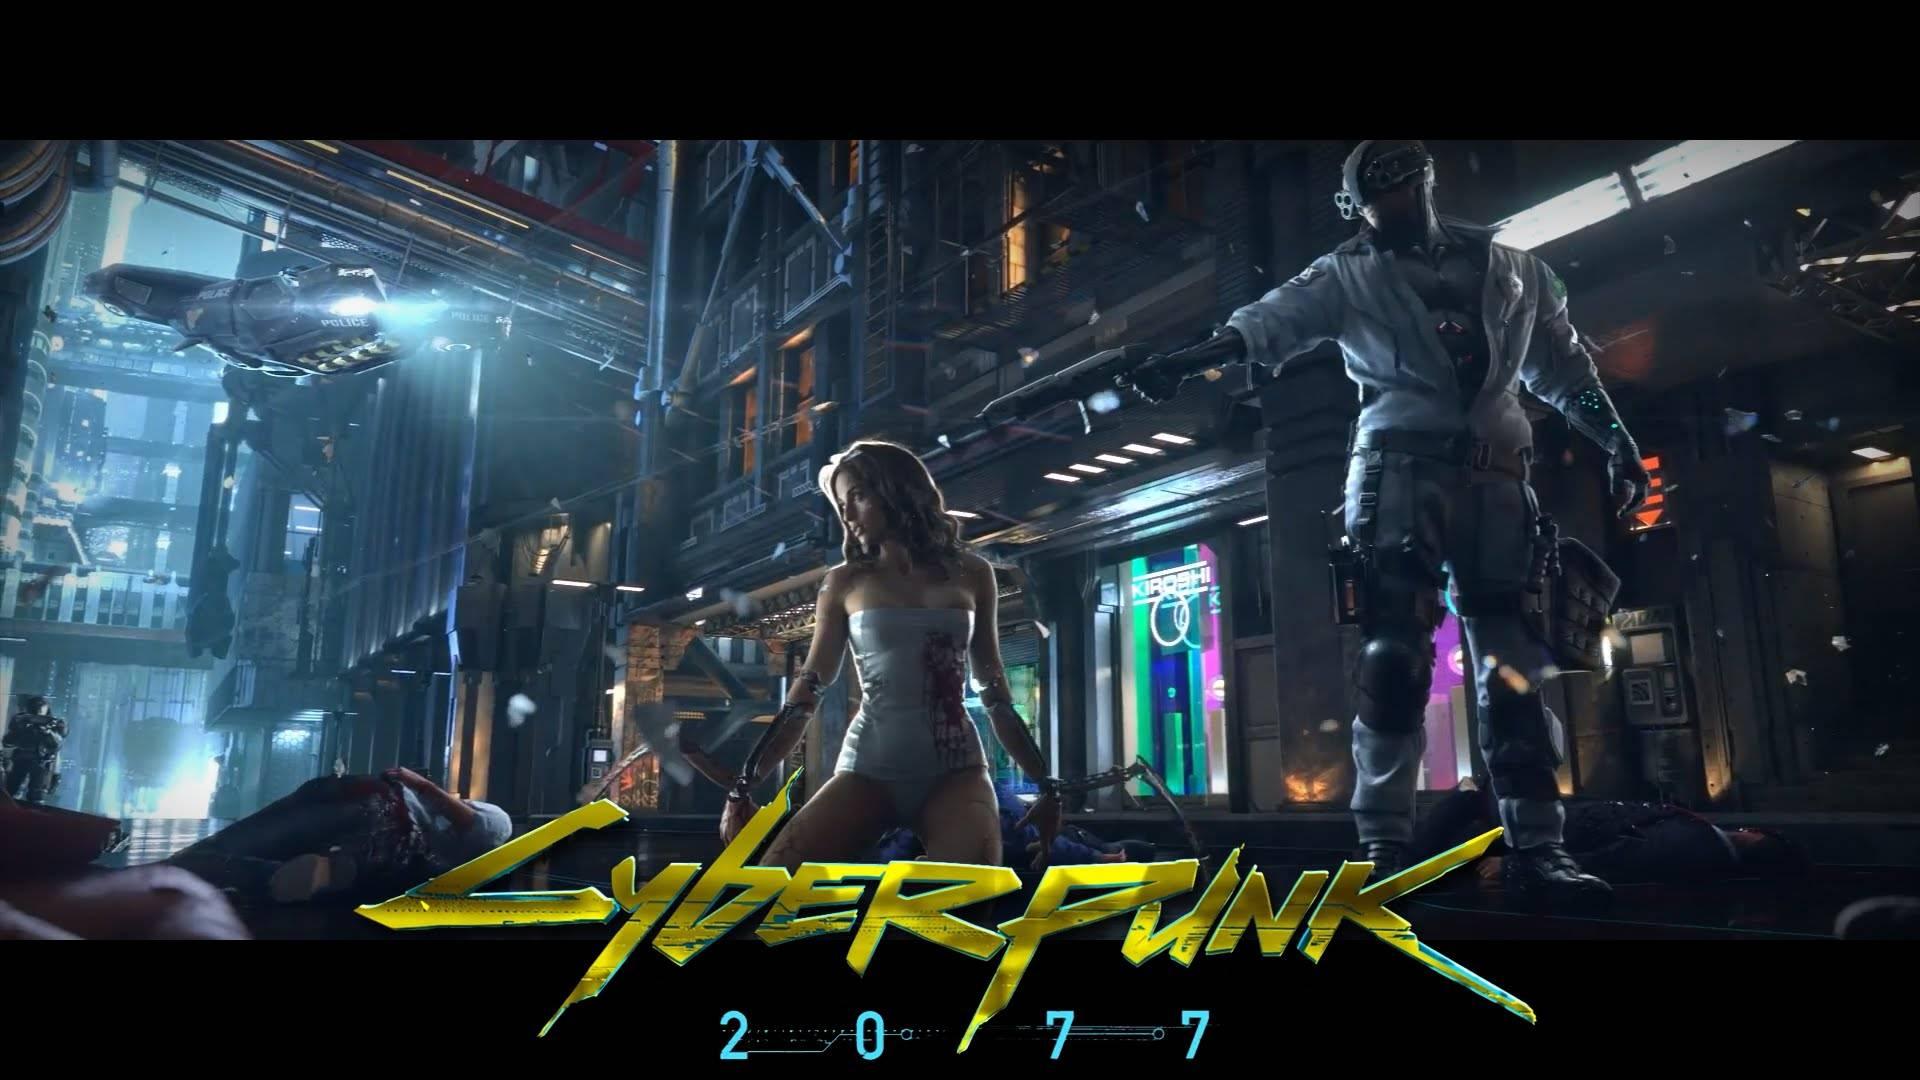 Создатели «Ведьмака» рассказали, что хакеры украли наработки по их новой игре Cyberpunk 2077